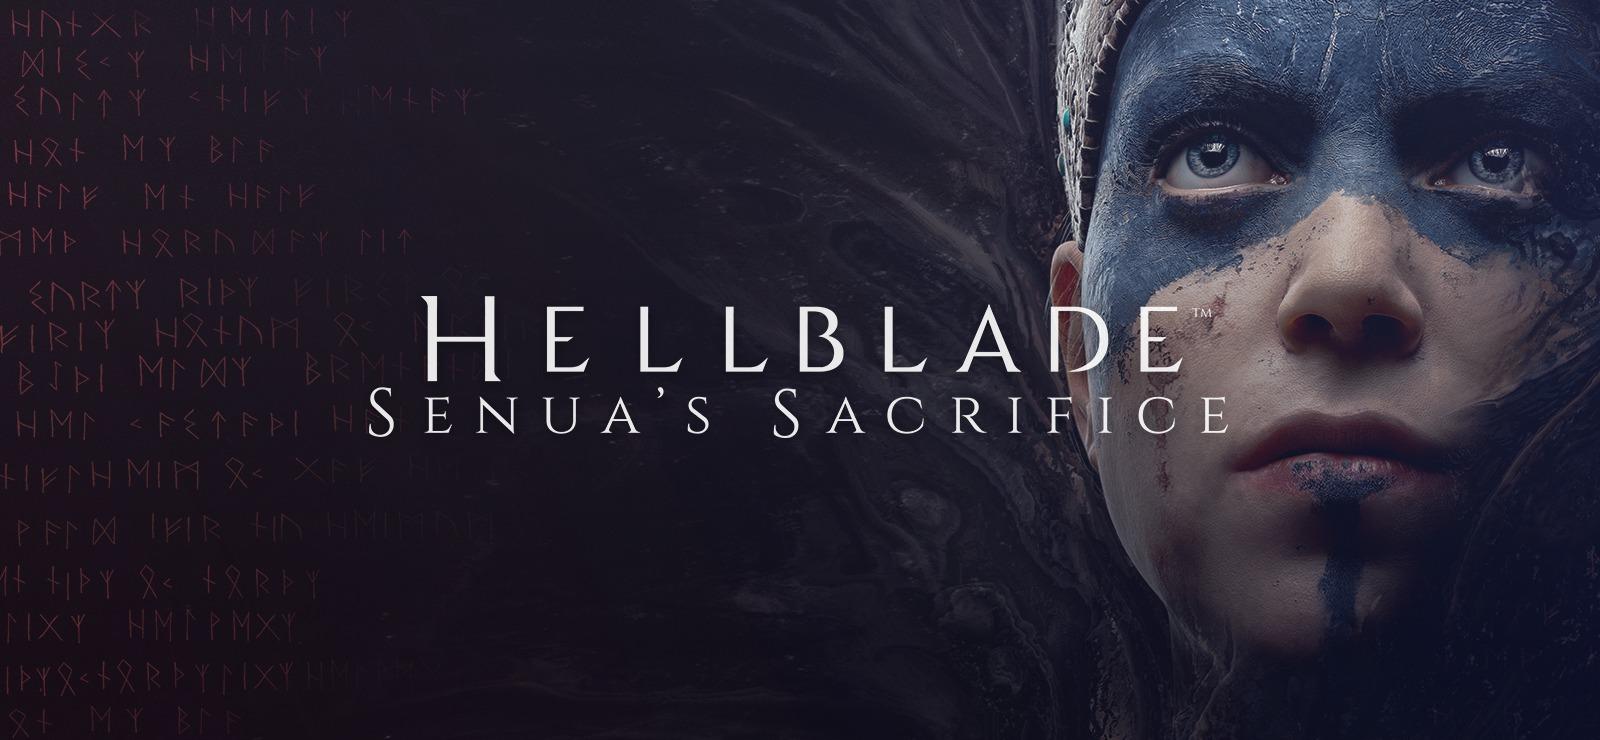 Hellblade: Senua's Sacrifice Android